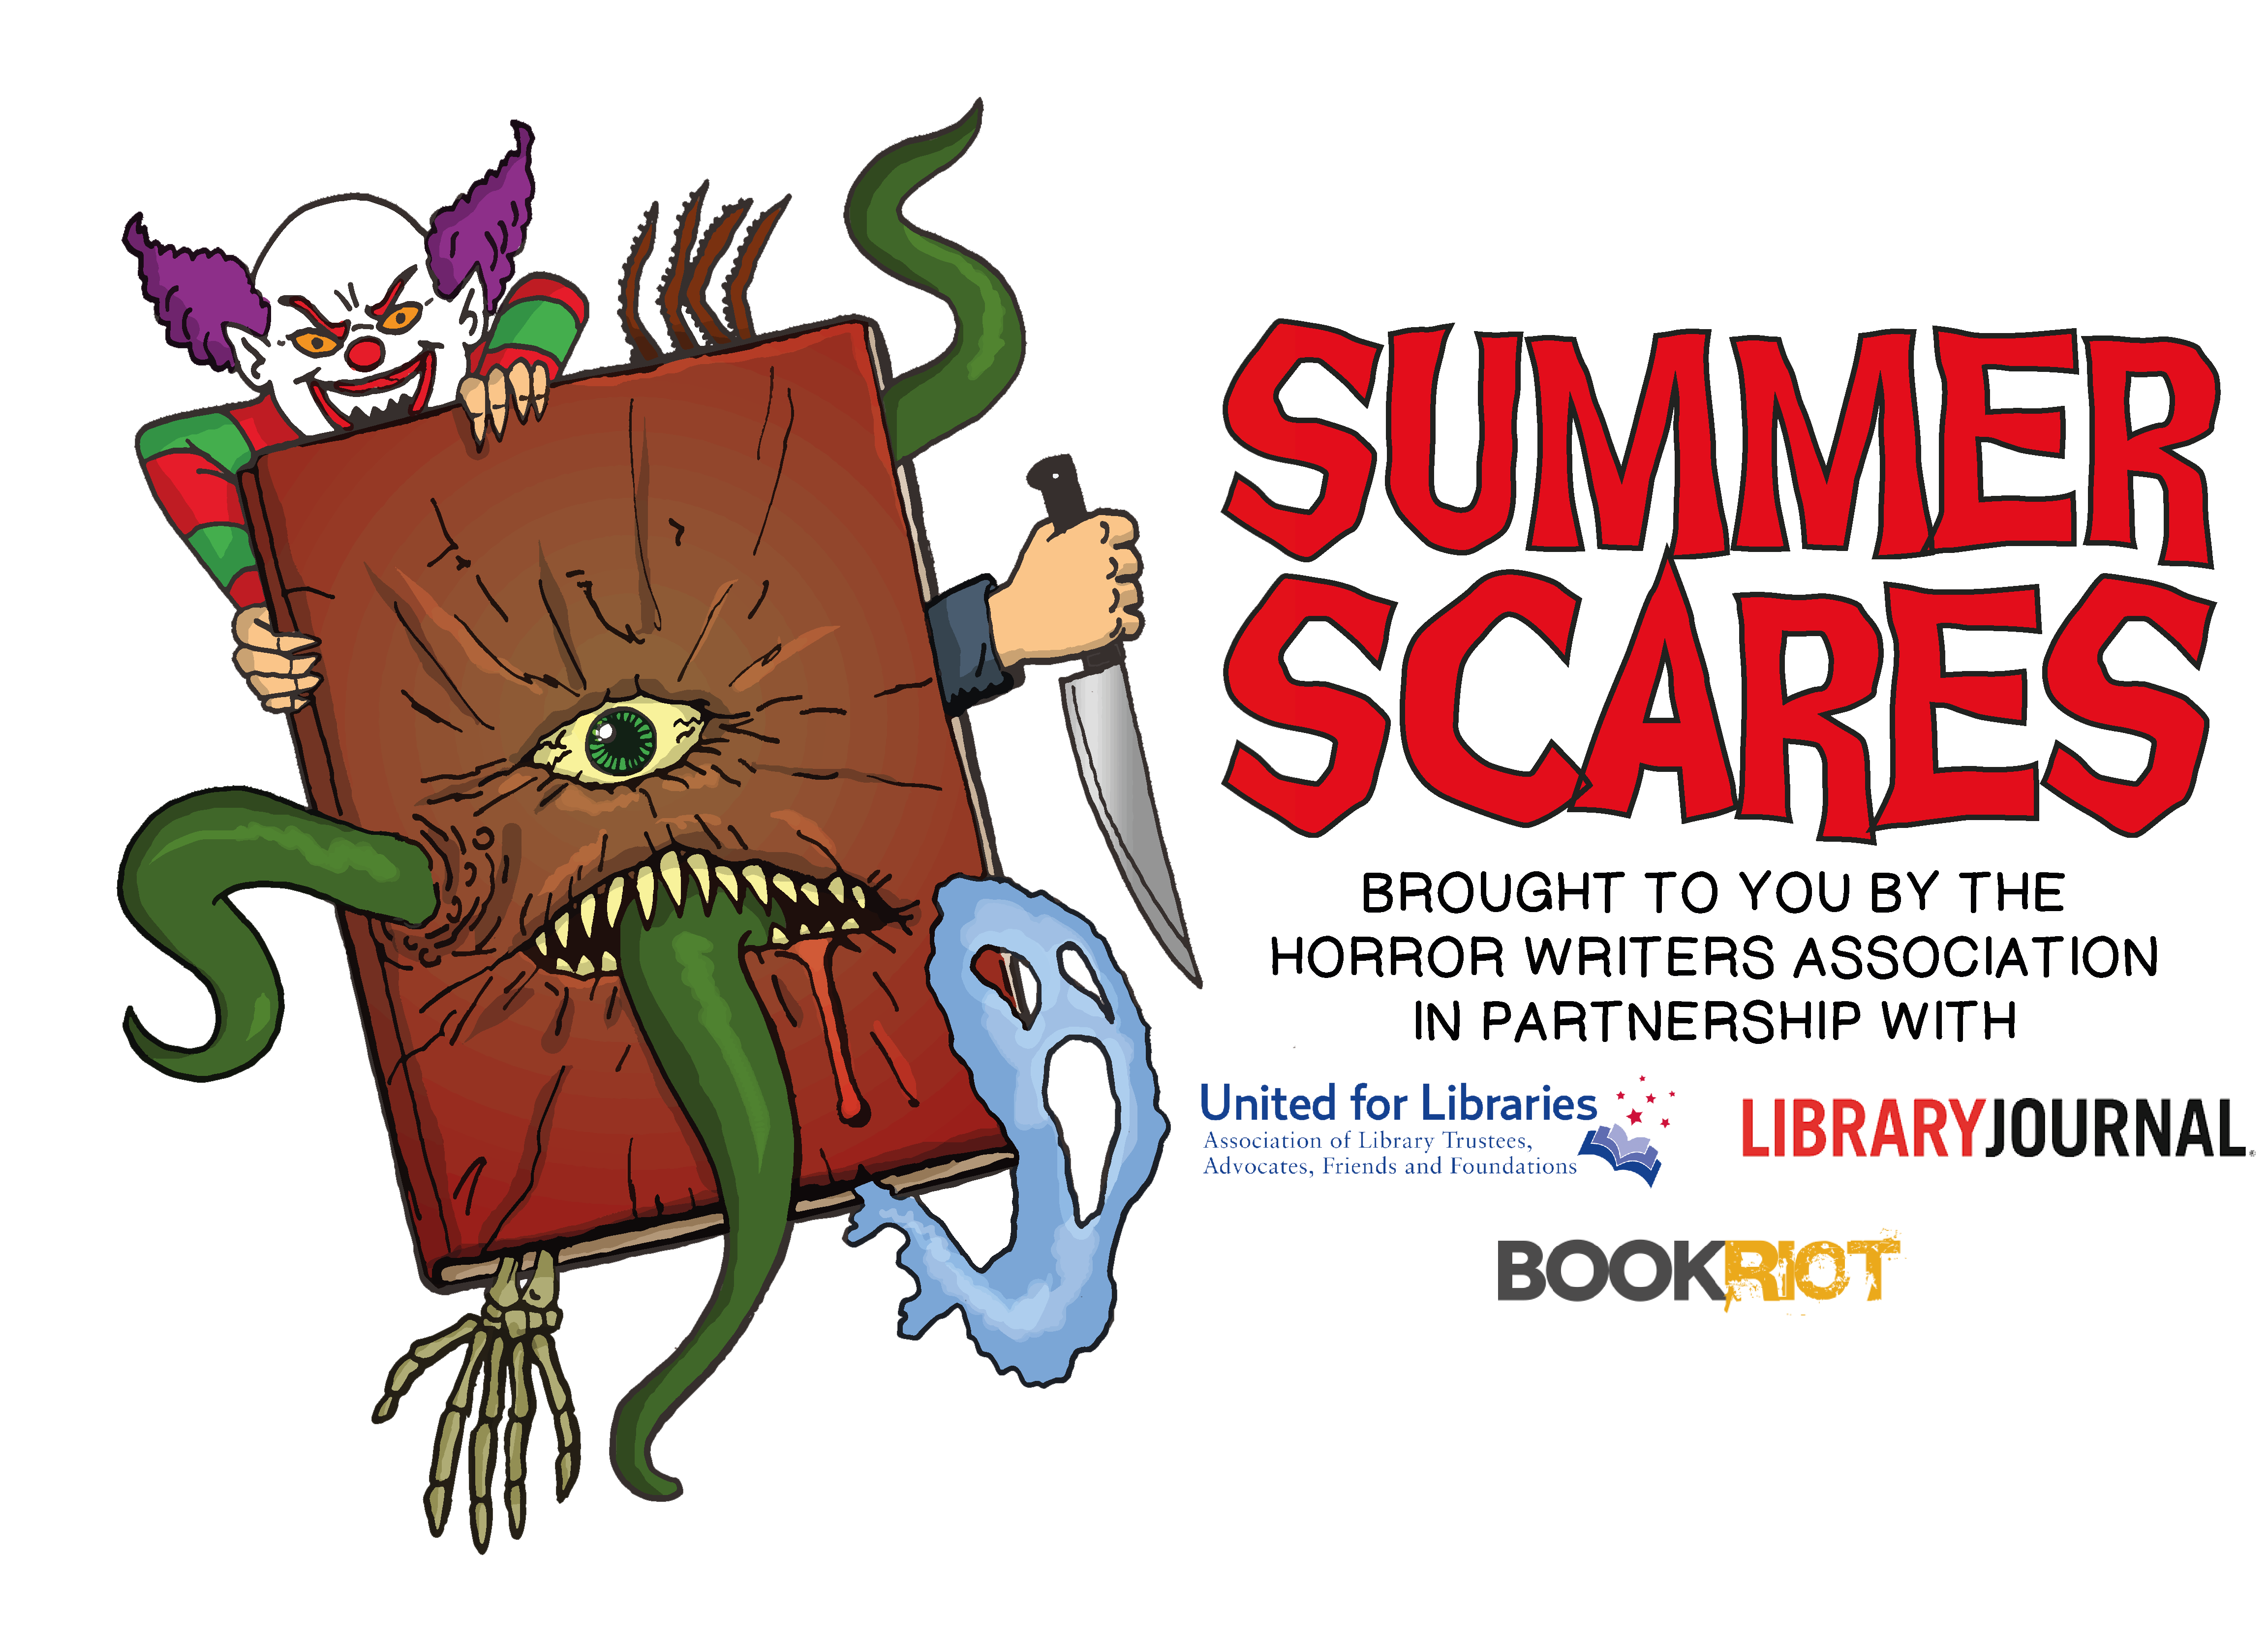 HWA-Summer-Scares-1-large(1)